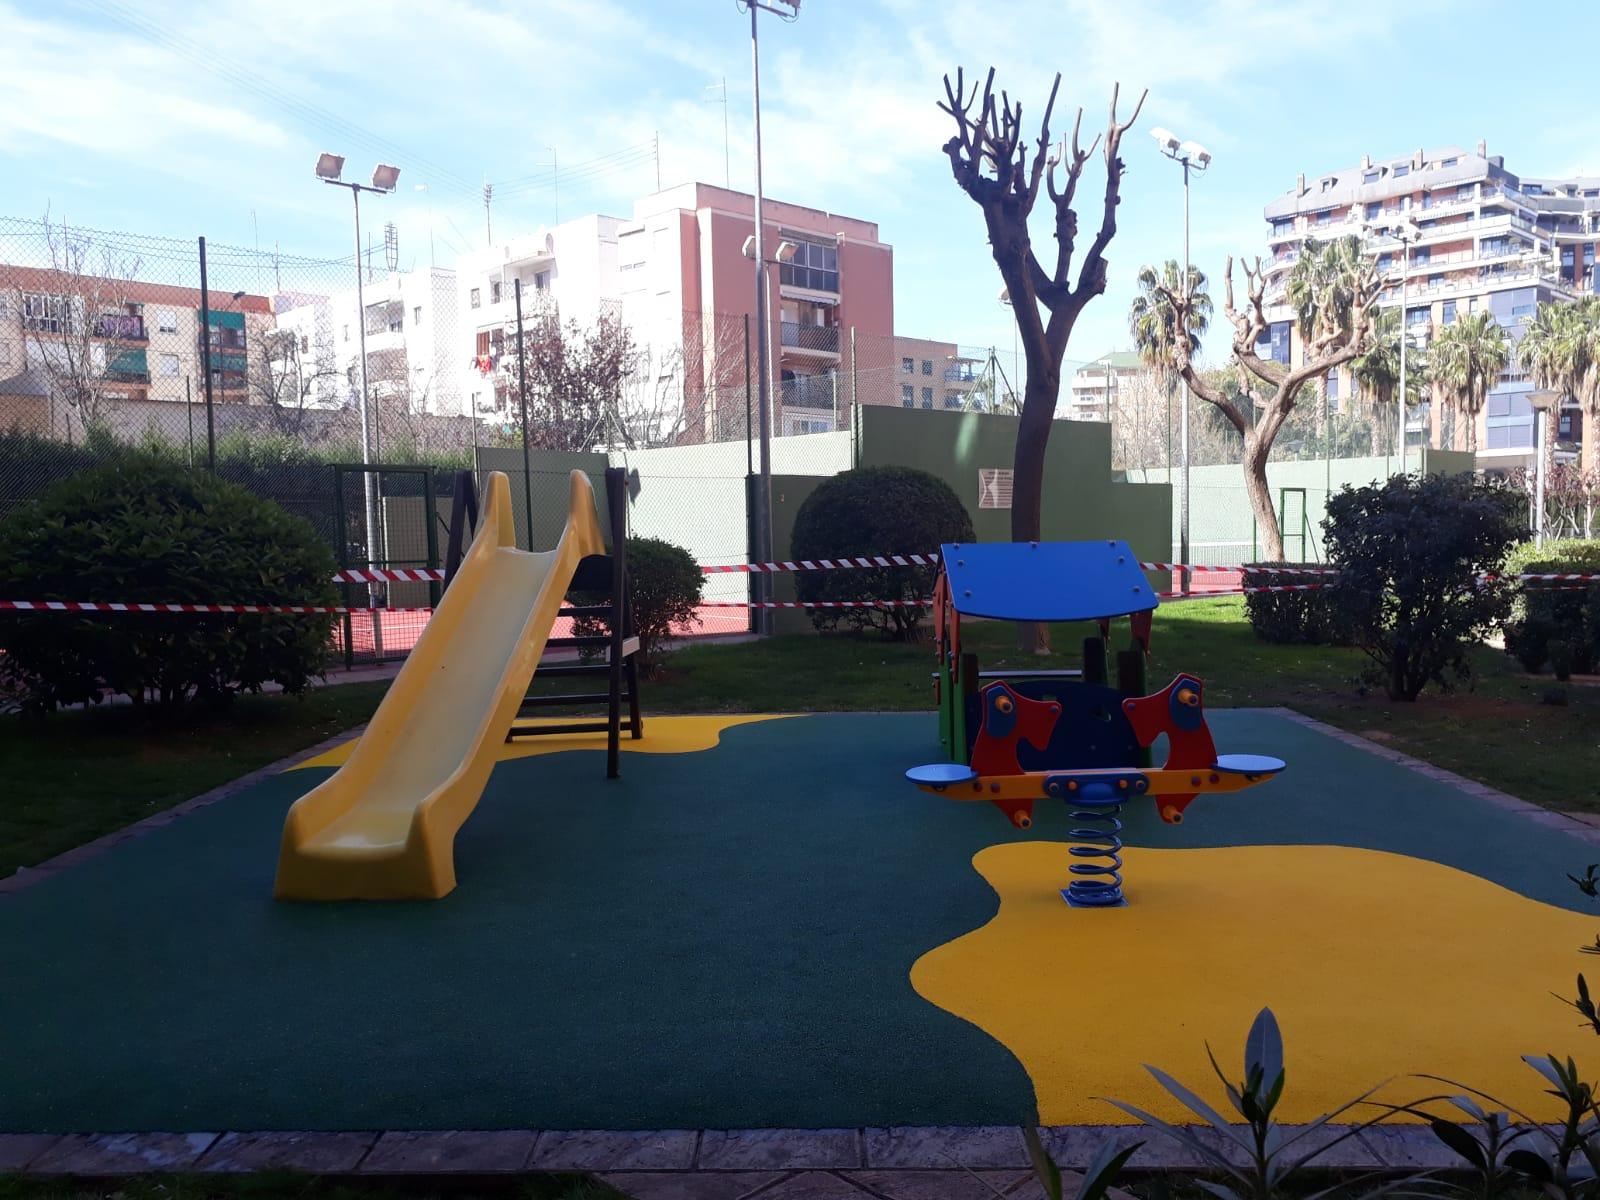 Suelo de caucho, casita y balancín en Valencia